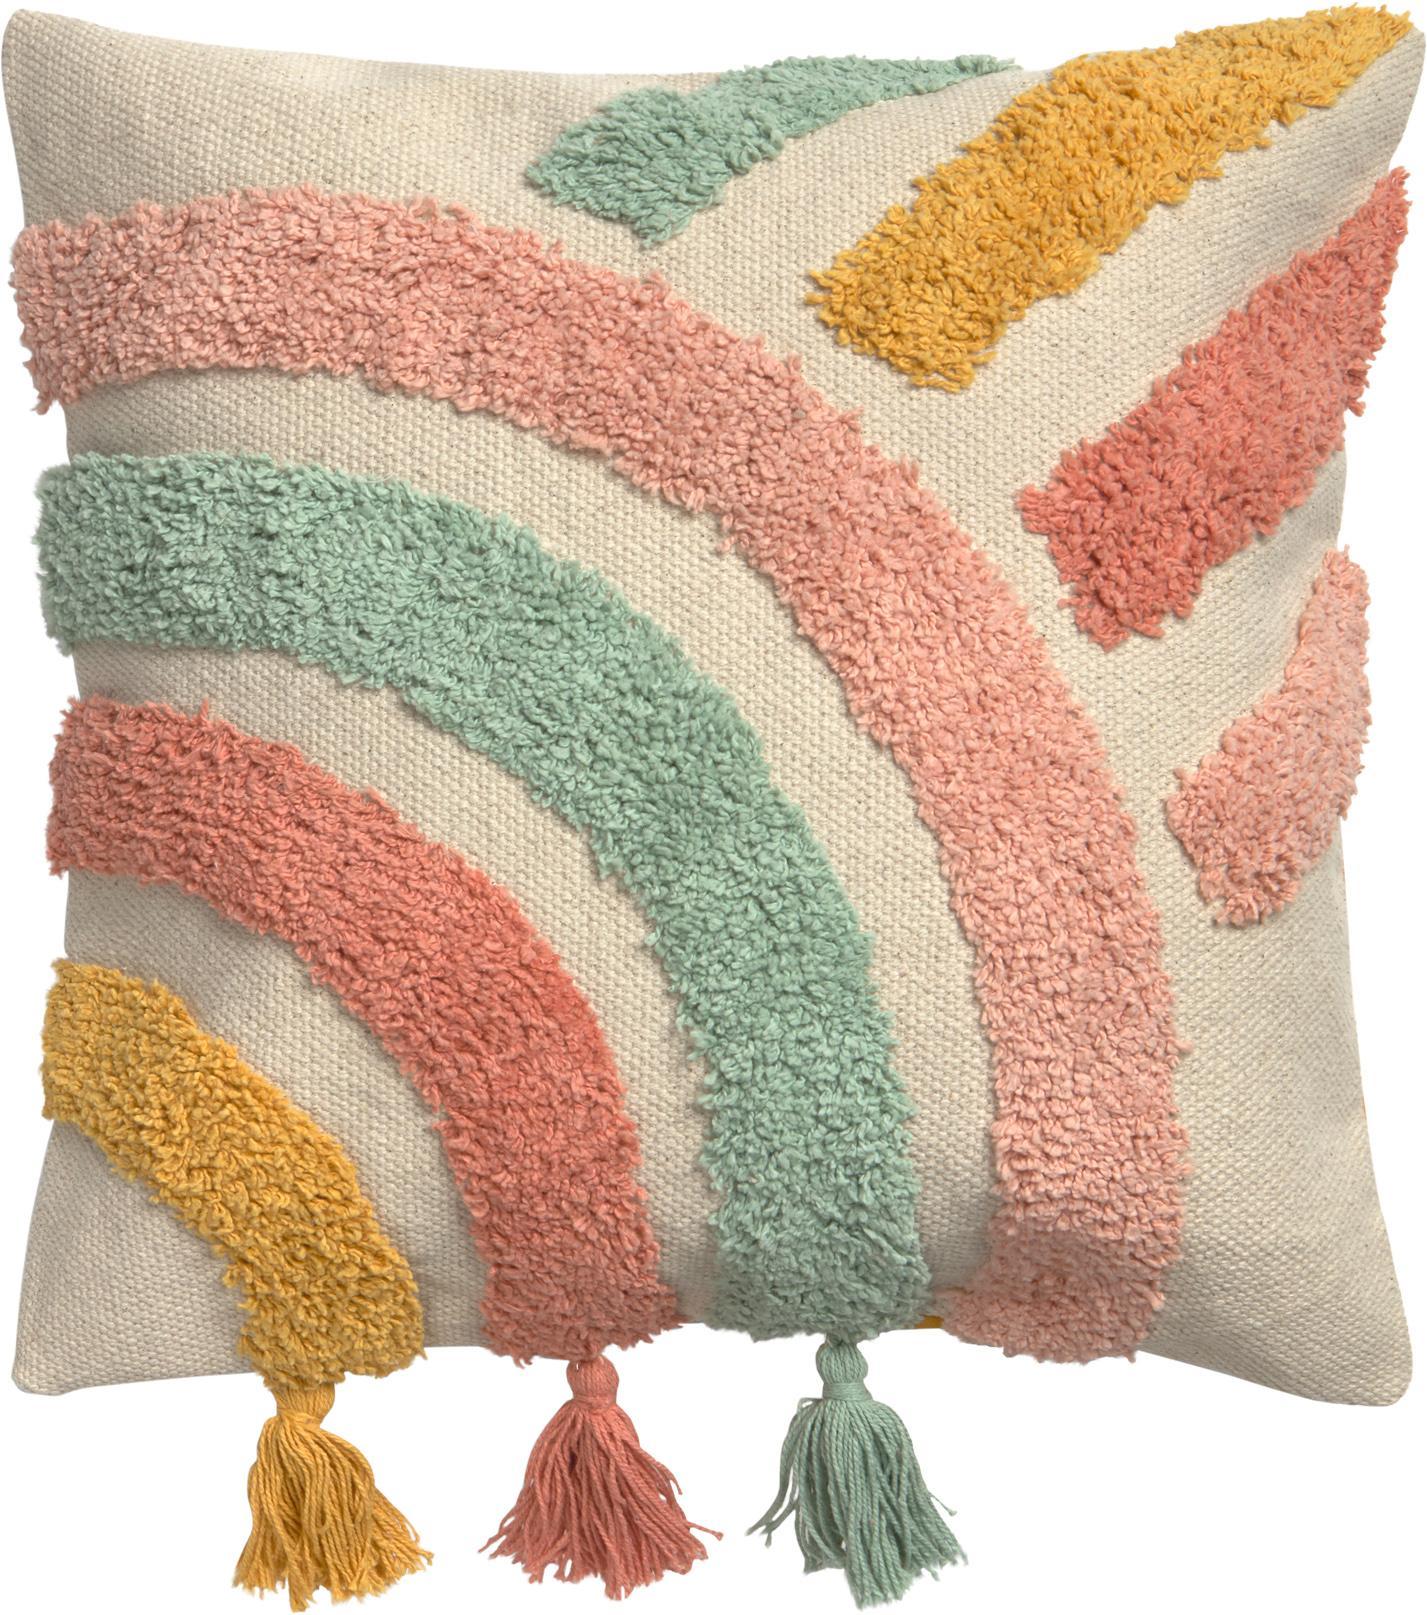 Funda de cojín con borlas Arco, Algodón, Beige, multicolor, An 45 x L 45 cm